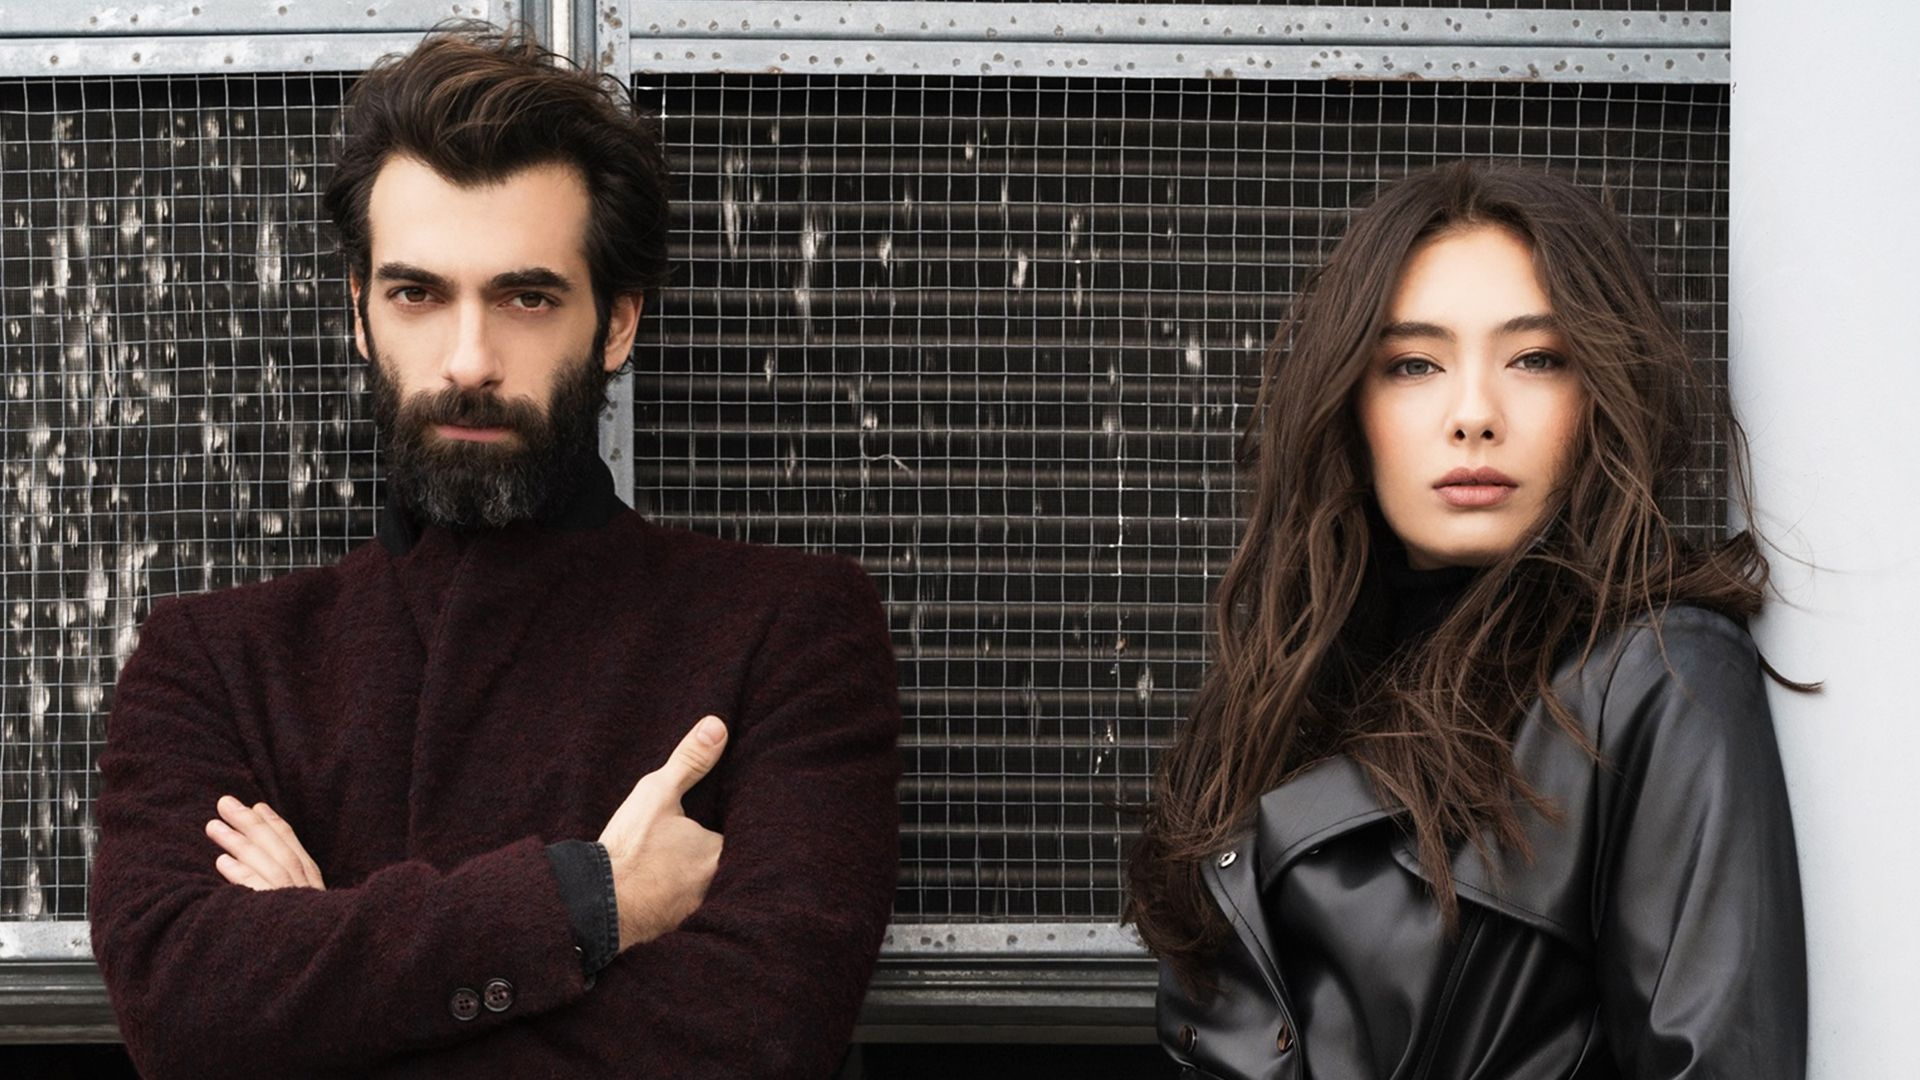 Dip dizisinde Neslihan Atagül ve İlker Kaleli'nin yanı sıra, Bülent Emin Yarar, Lale Mansur ve Berrak Tüzünataç da rol alıyor.